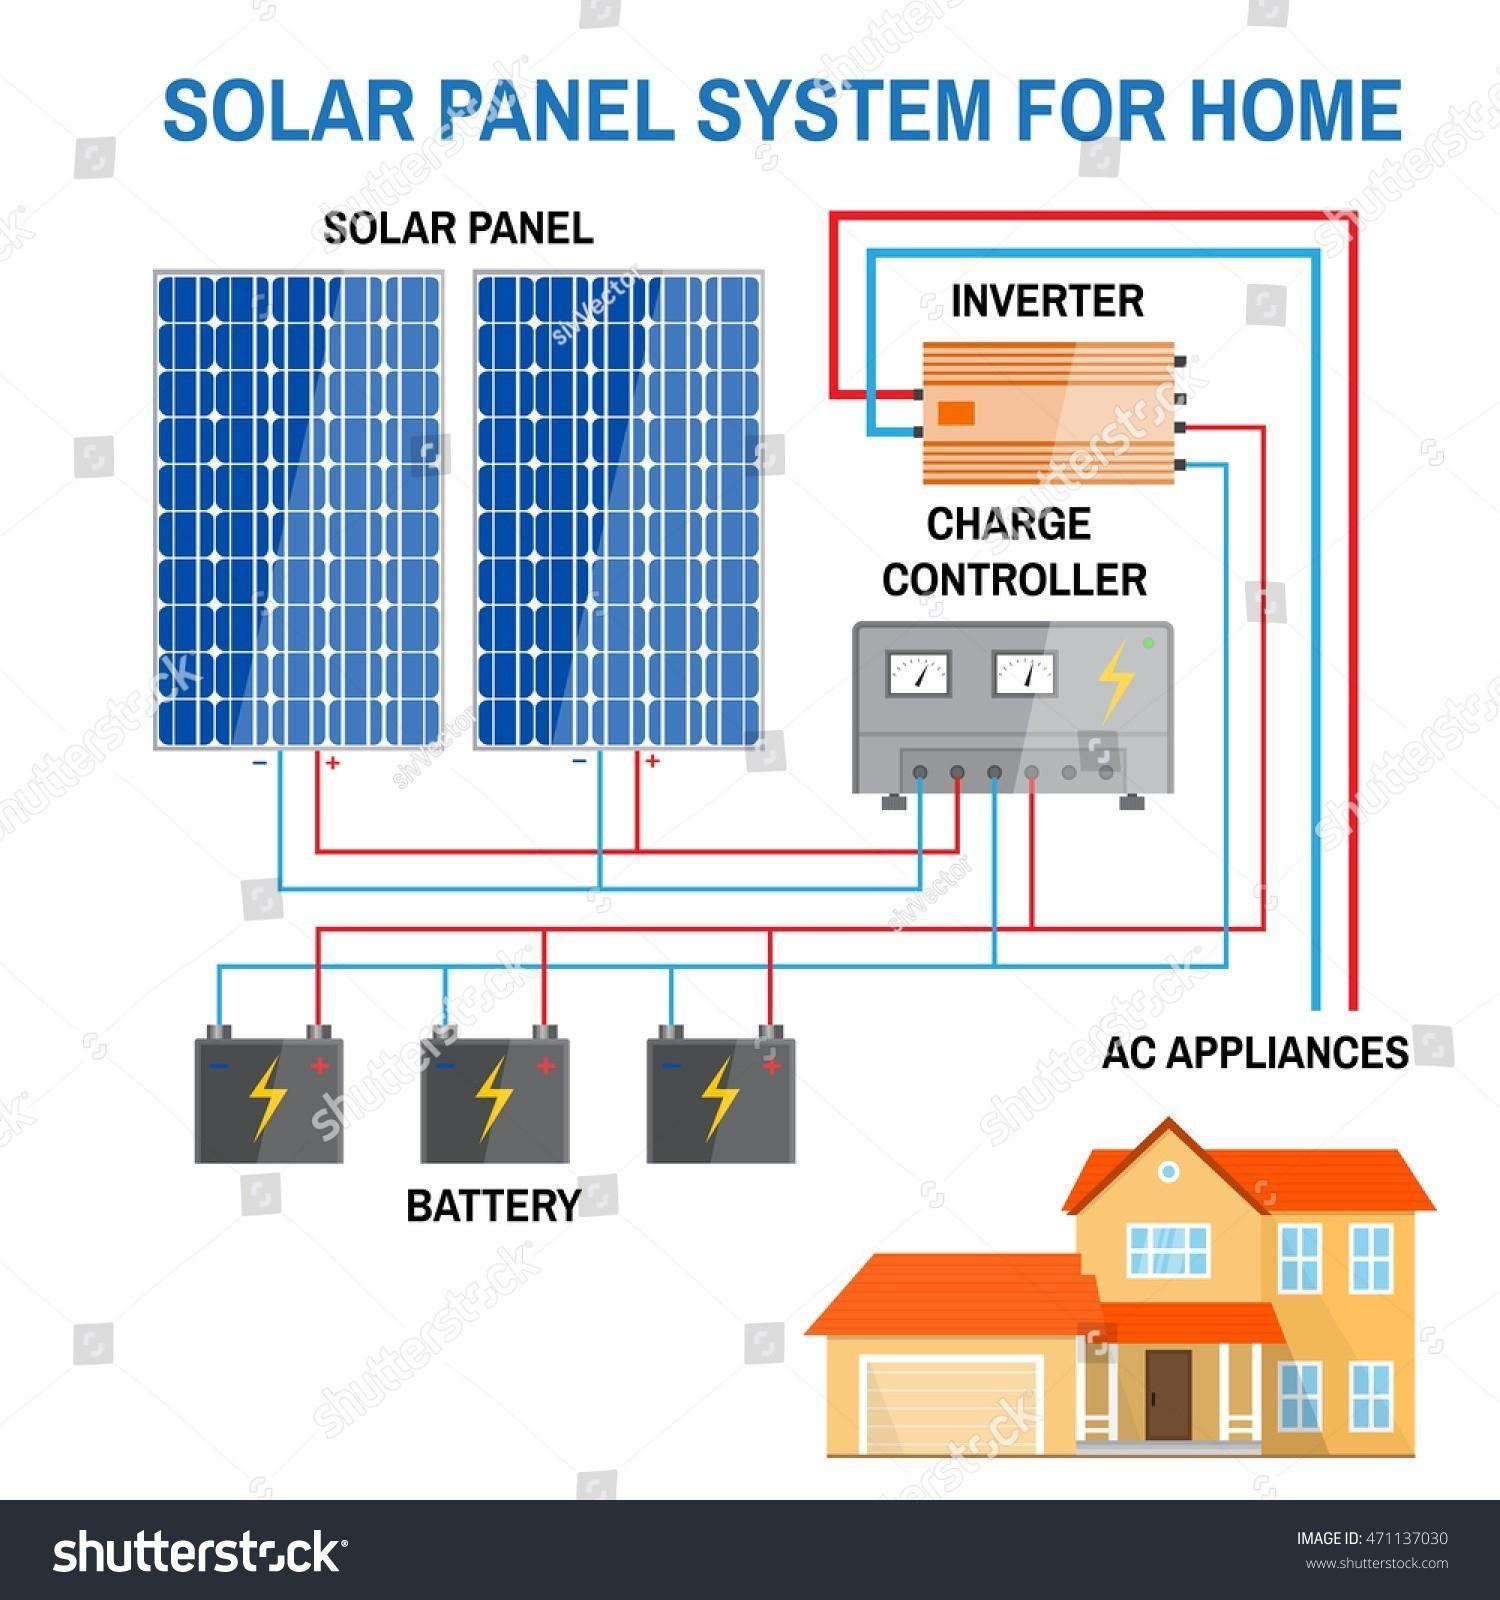 rv solar panel installation wiring diagram Collection-Wiring Diagram solar Panels Inverter Best Wiring Diagram for F Grid solar System Fresh Rv solar 18-j